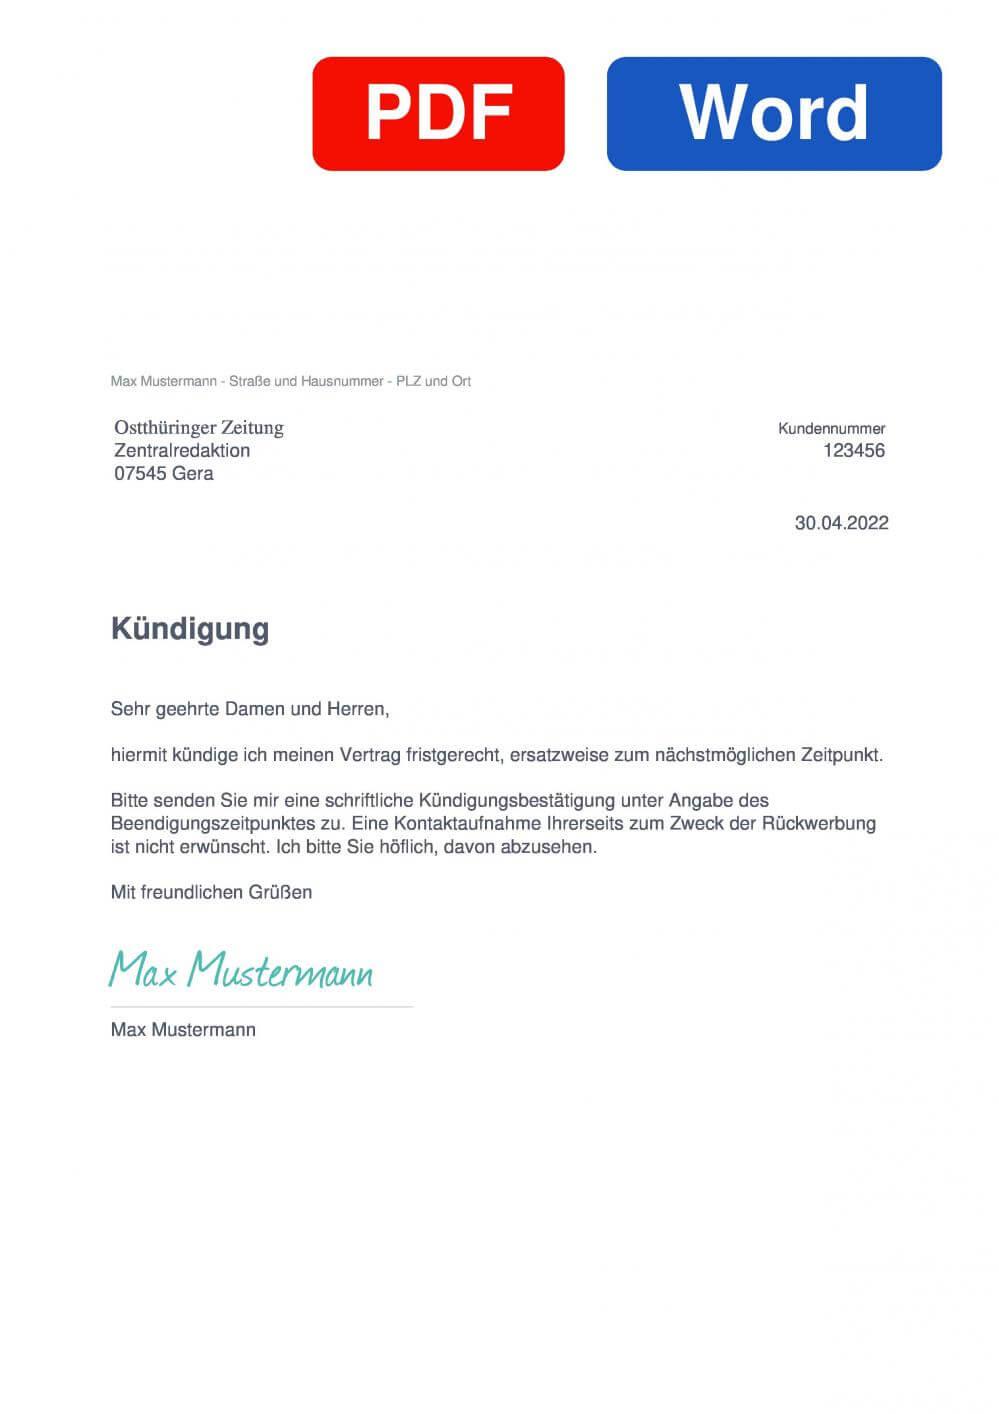 OTZ Muster Vorlage für Kündigungsschreiben